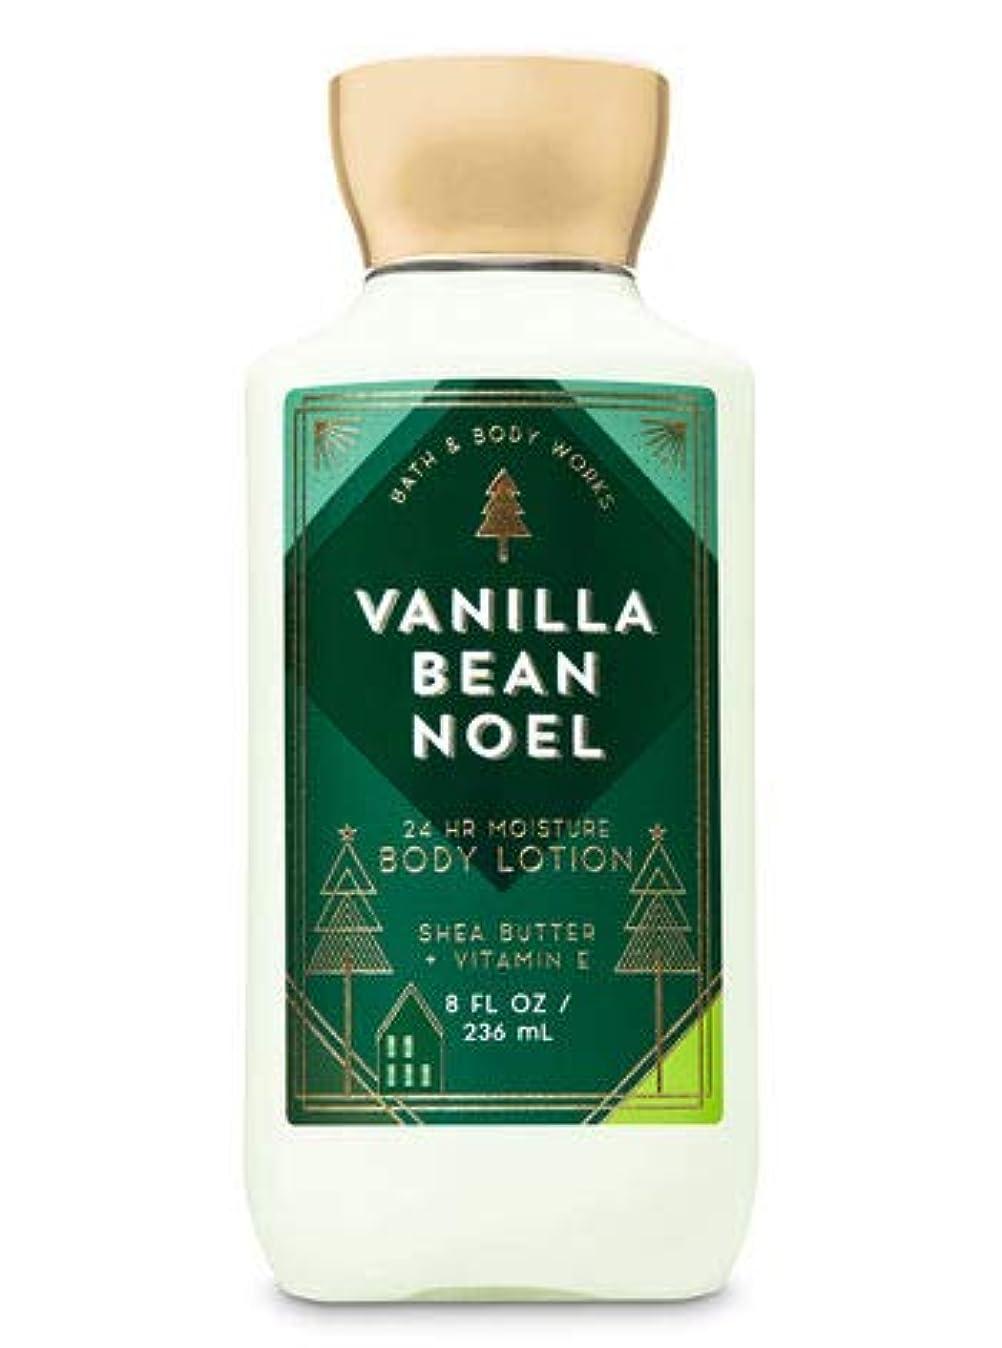 バス&ボディワークス バニラビーンノエル ボディローション Vanilla Bean Noel body lotion [並行輸入品]